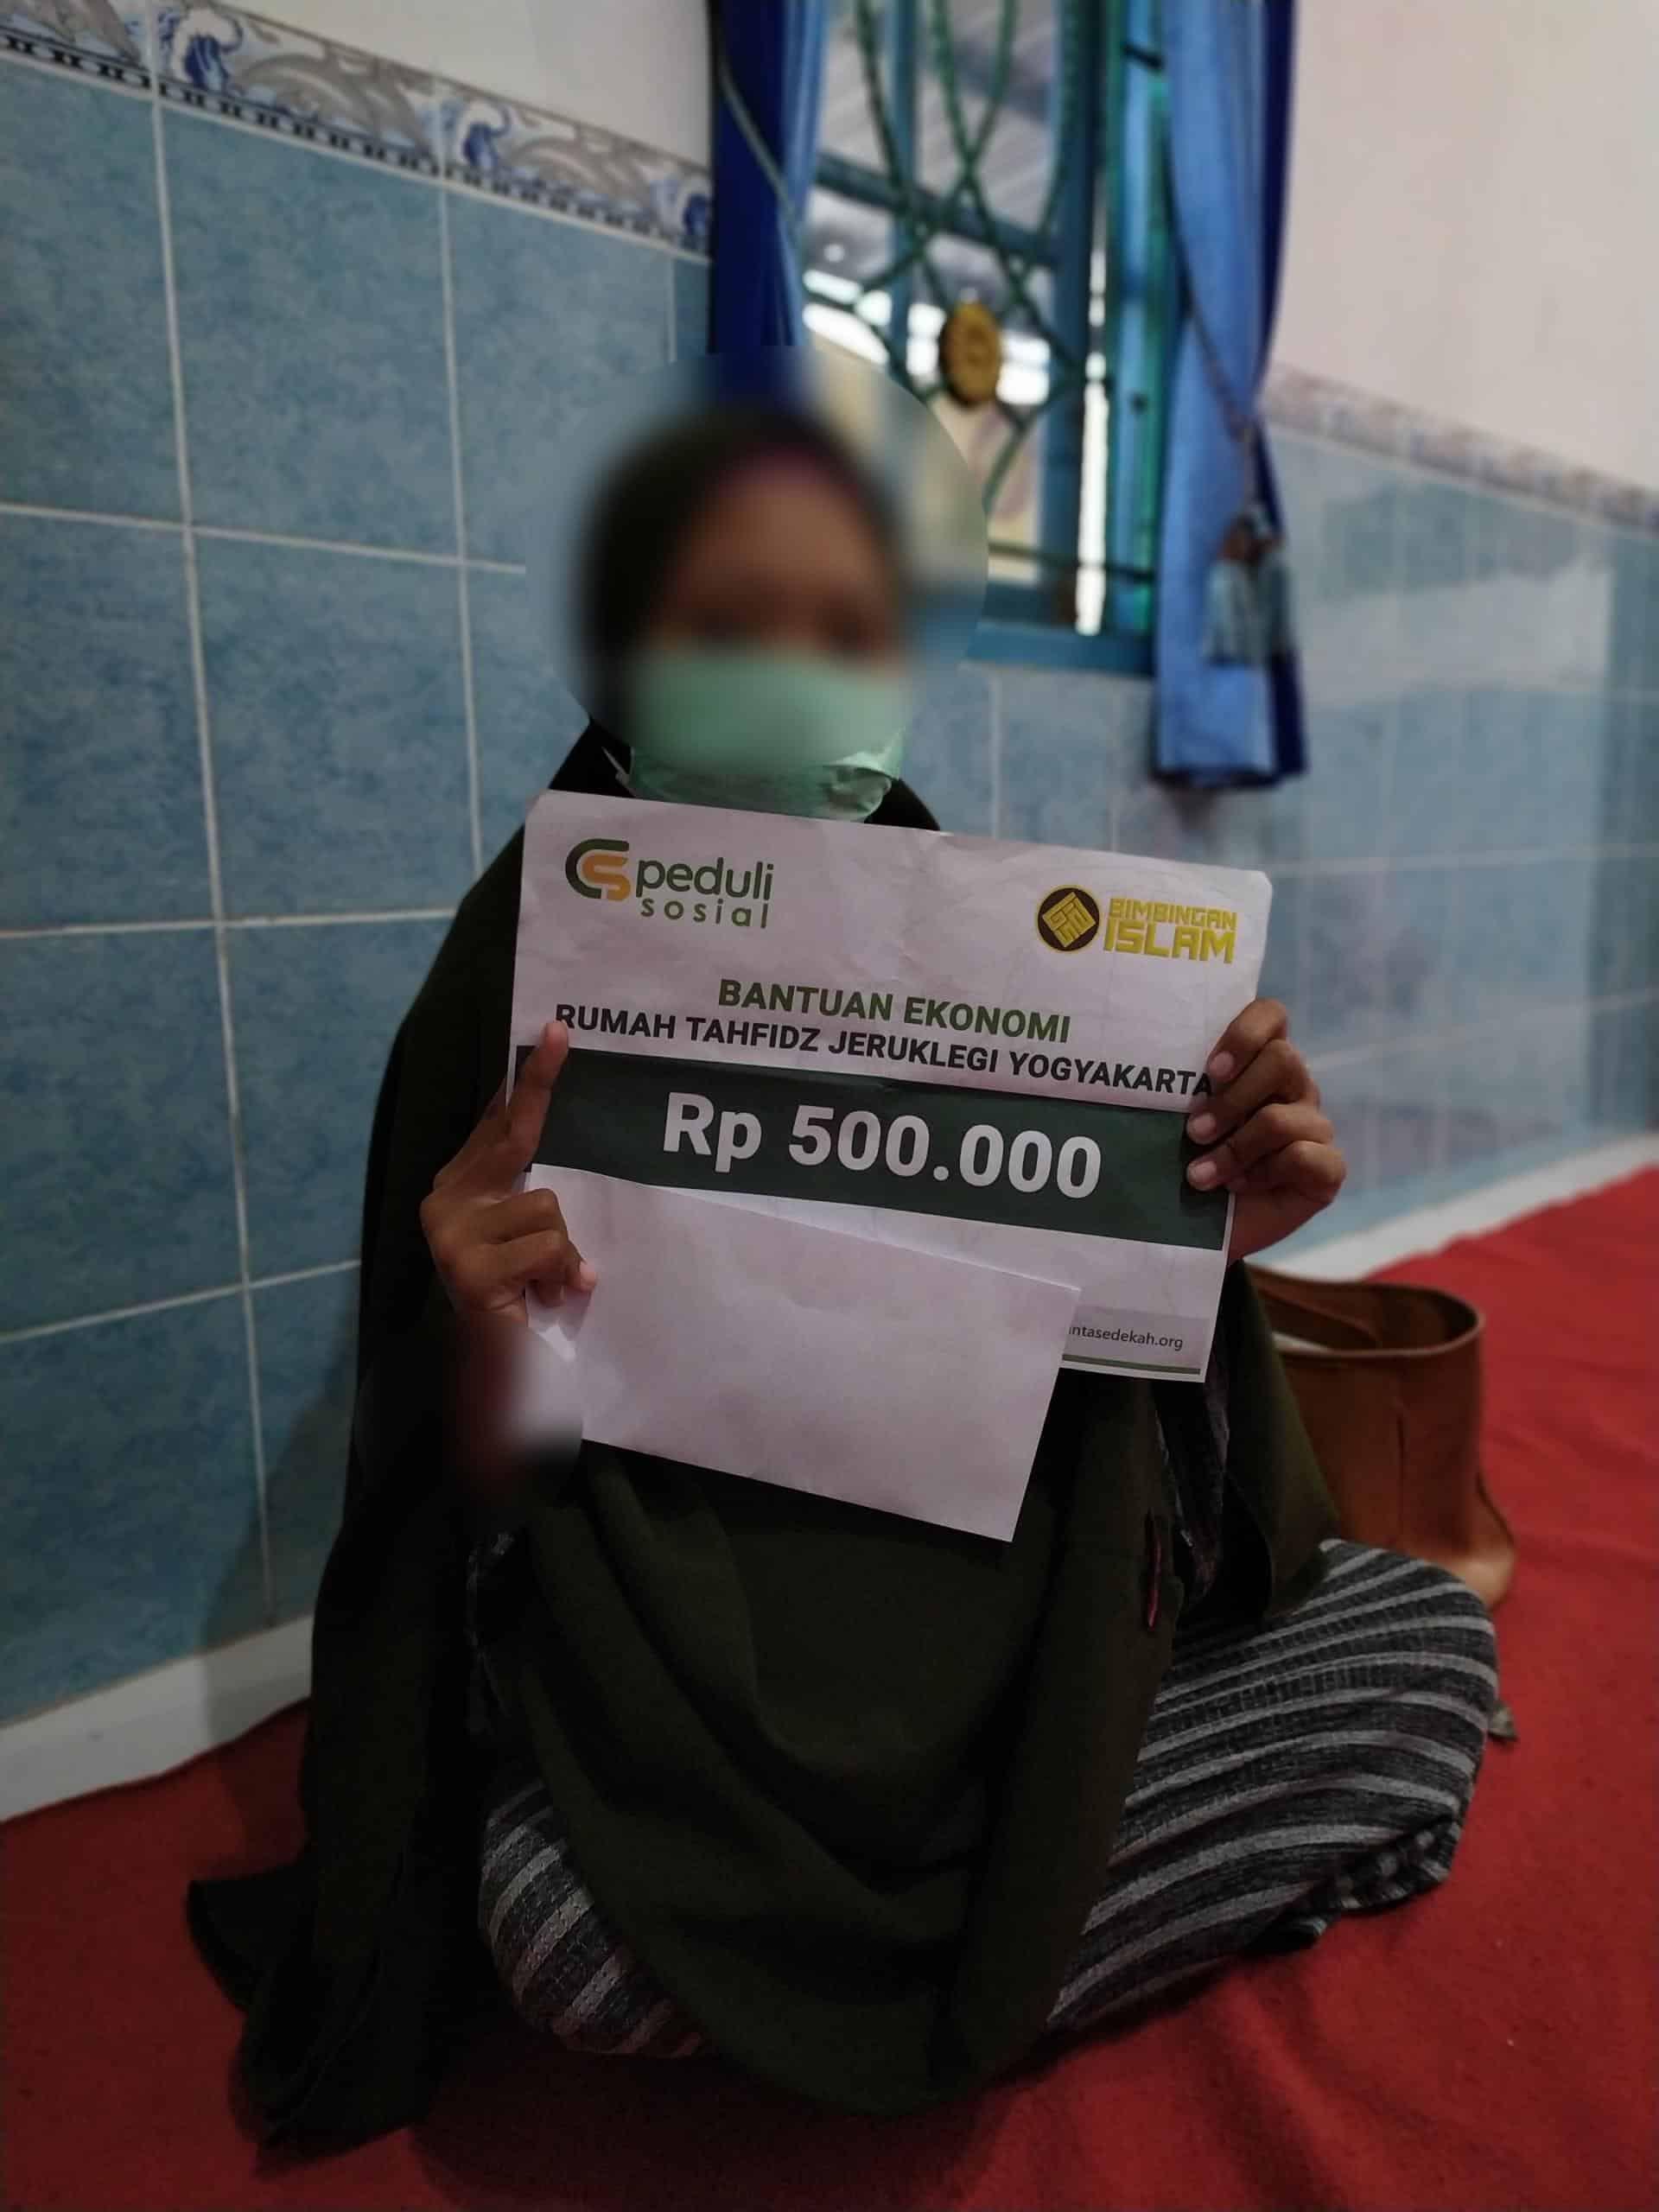 CSPeduli Sosial - Bantuan Kesehatan Orang tua dari salah satu staf pengajar dari Rumah Tahfidz Jeruklegi Yogyakarta